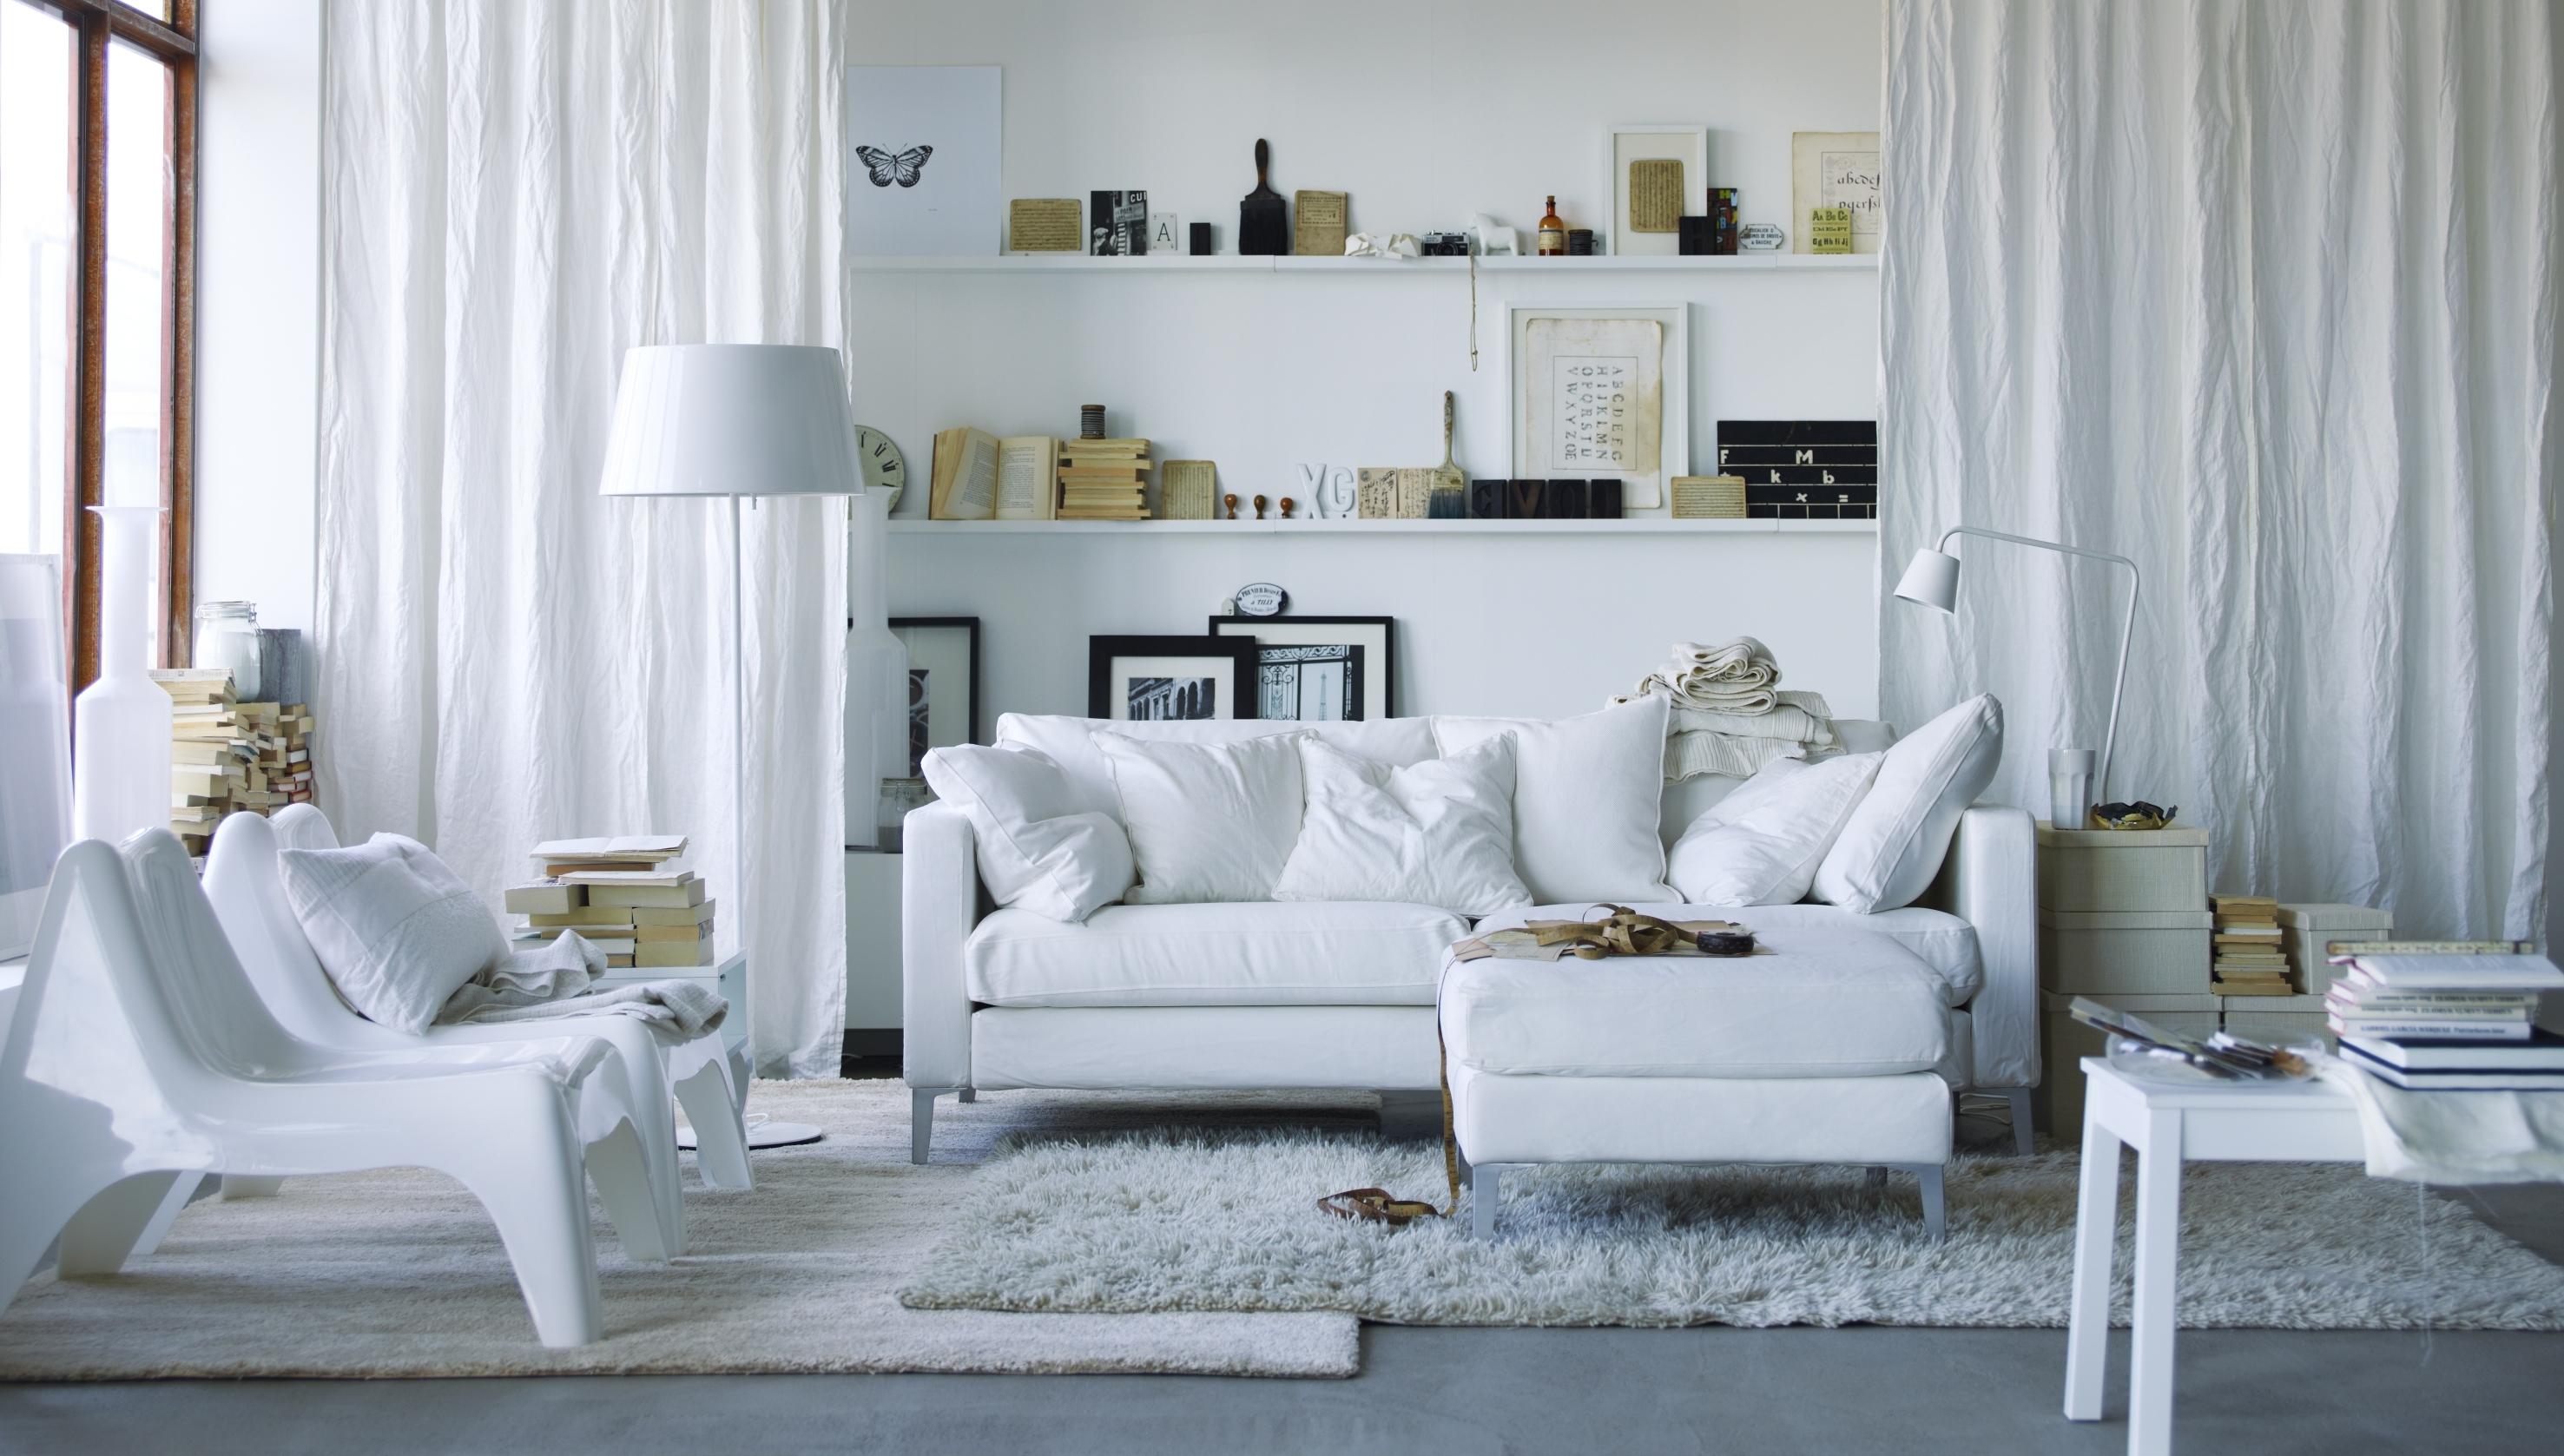 Белая мебель в интерьере гостиной — 50 фото идей